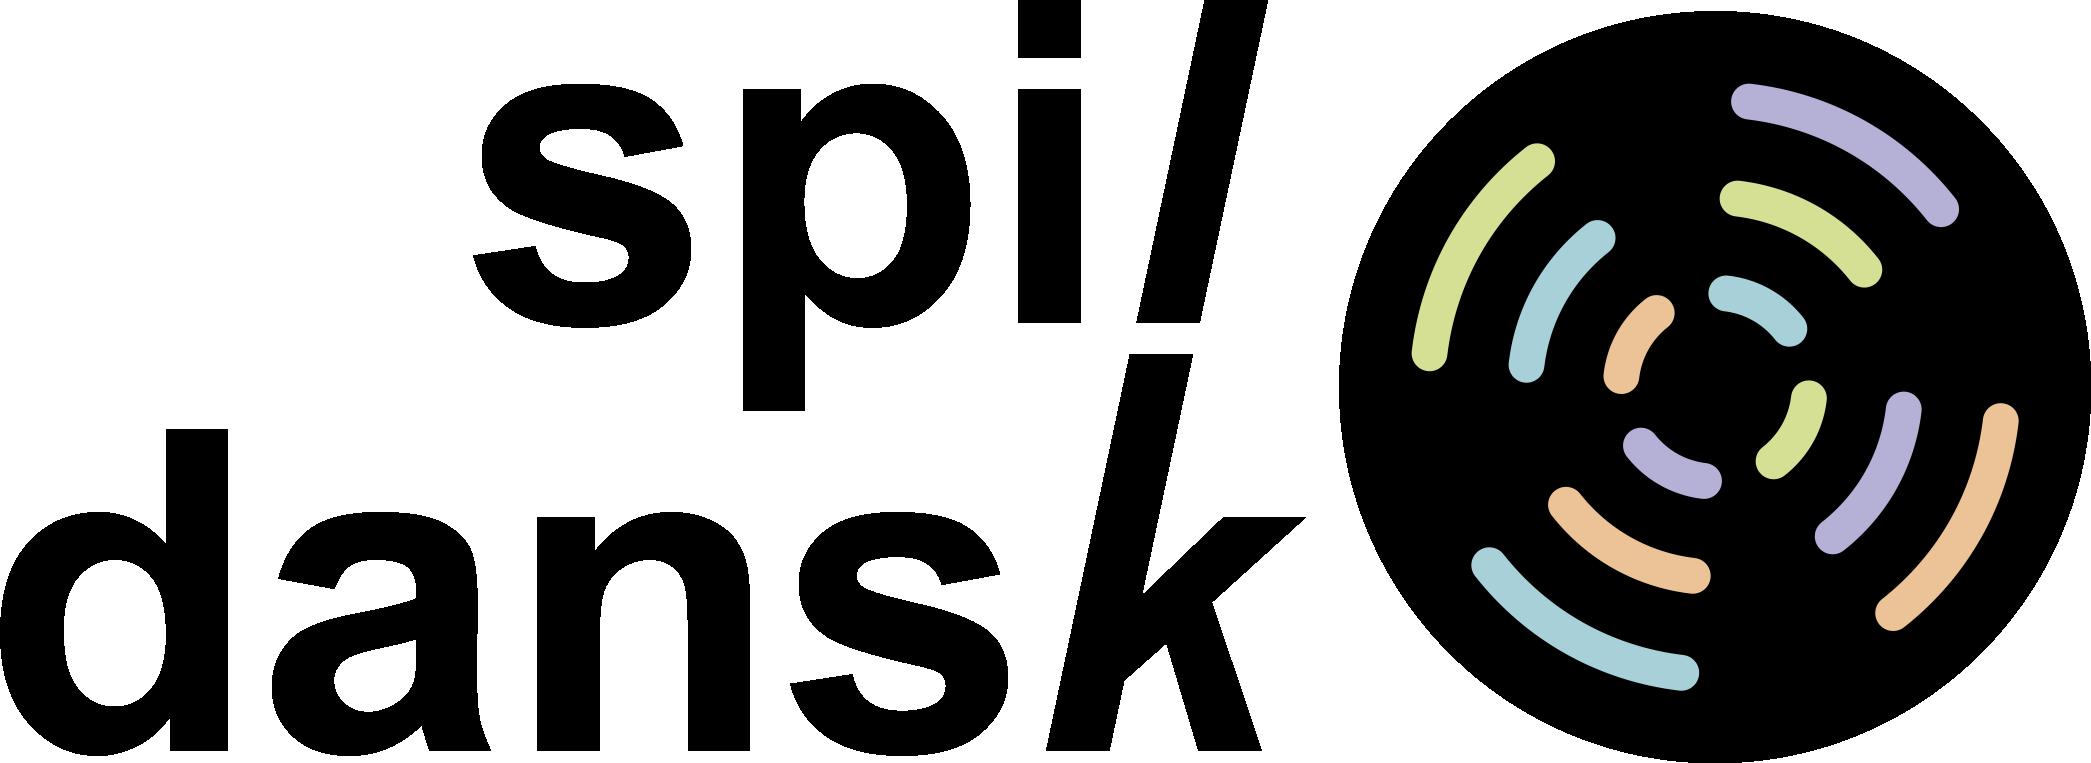 SPIL DANSK logo 1 sort